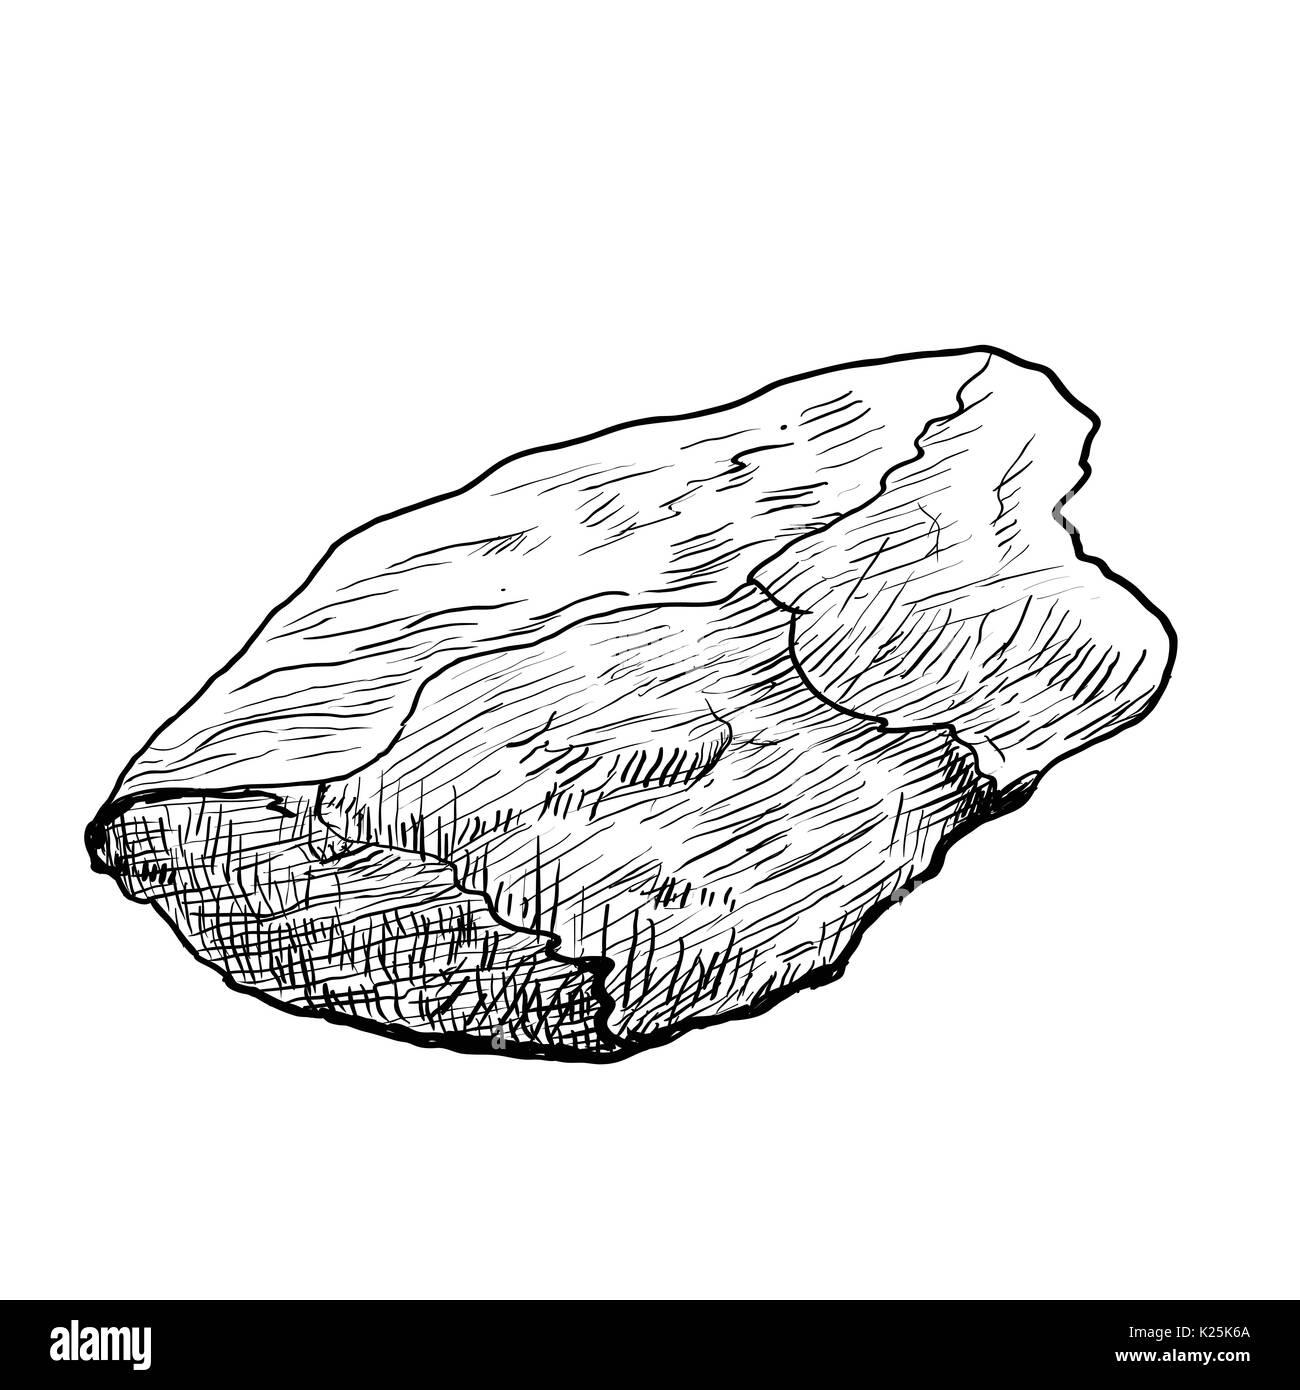 Dibujo De Roca Imágenes De Stock Dibujo De Roca Fotos De Stock Alamy